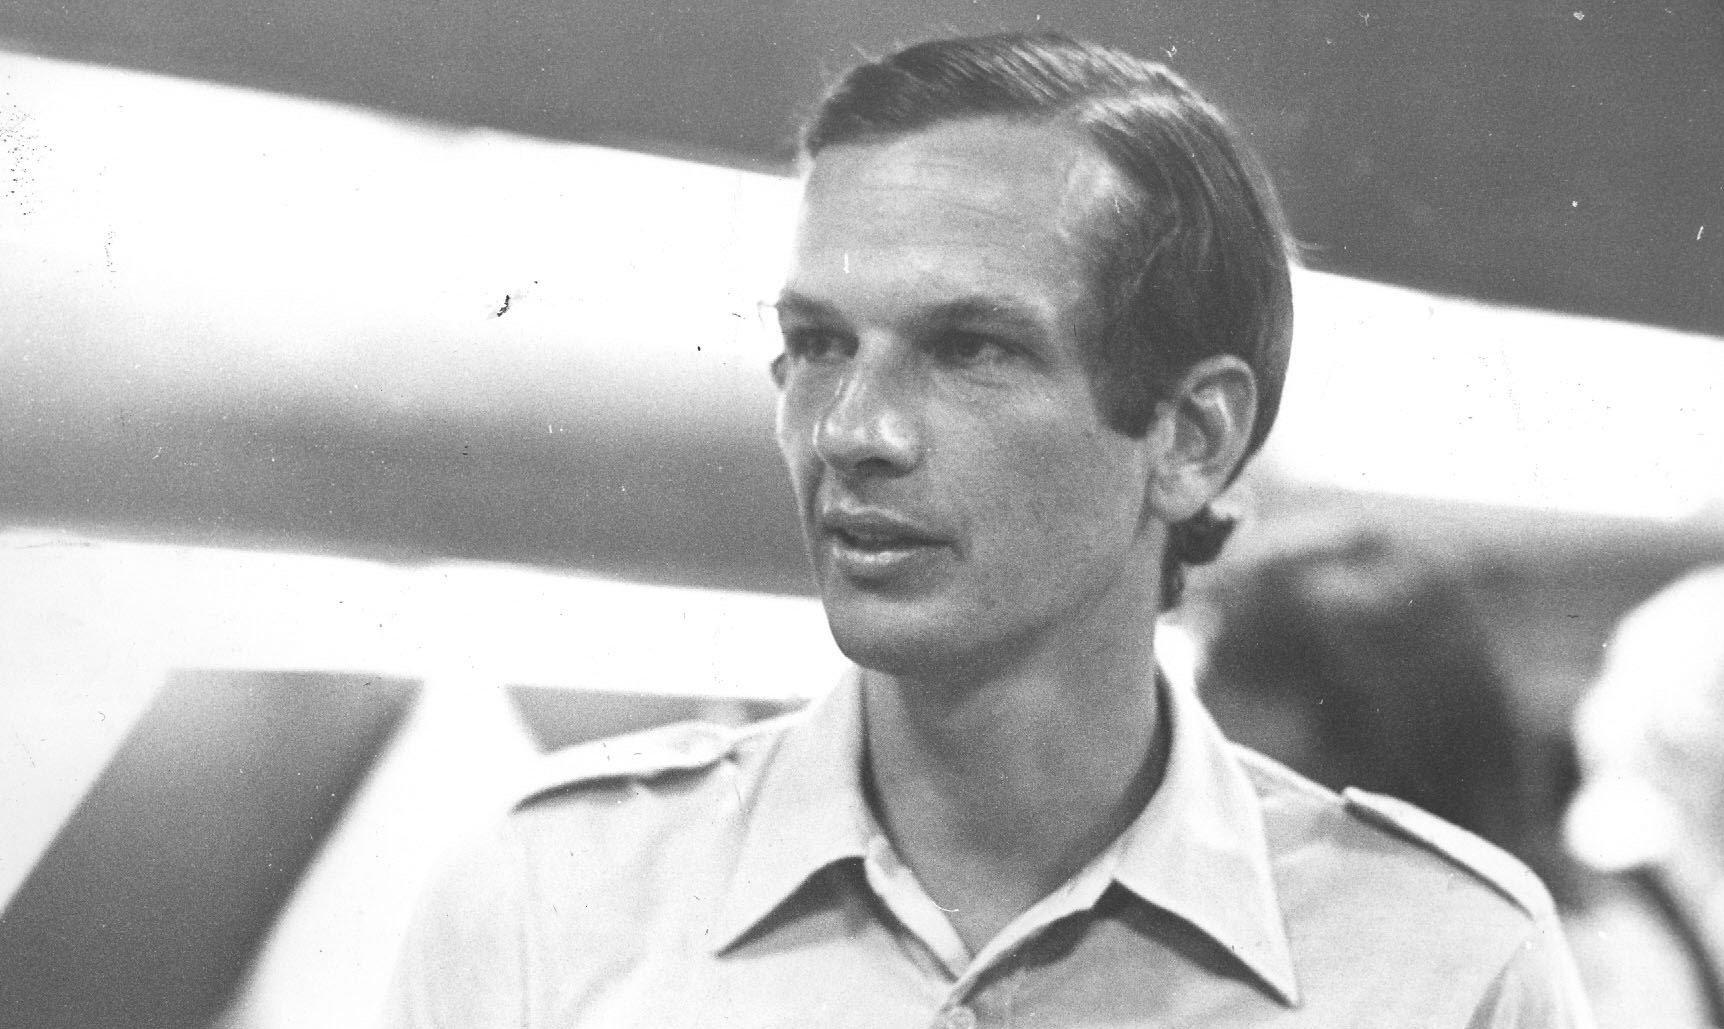 Rio de Janeiro, 19/03/1973. Retrato do tenista brasileiro Jorge Paulo Lemann durante apresentação da equipe para a Taça Davis